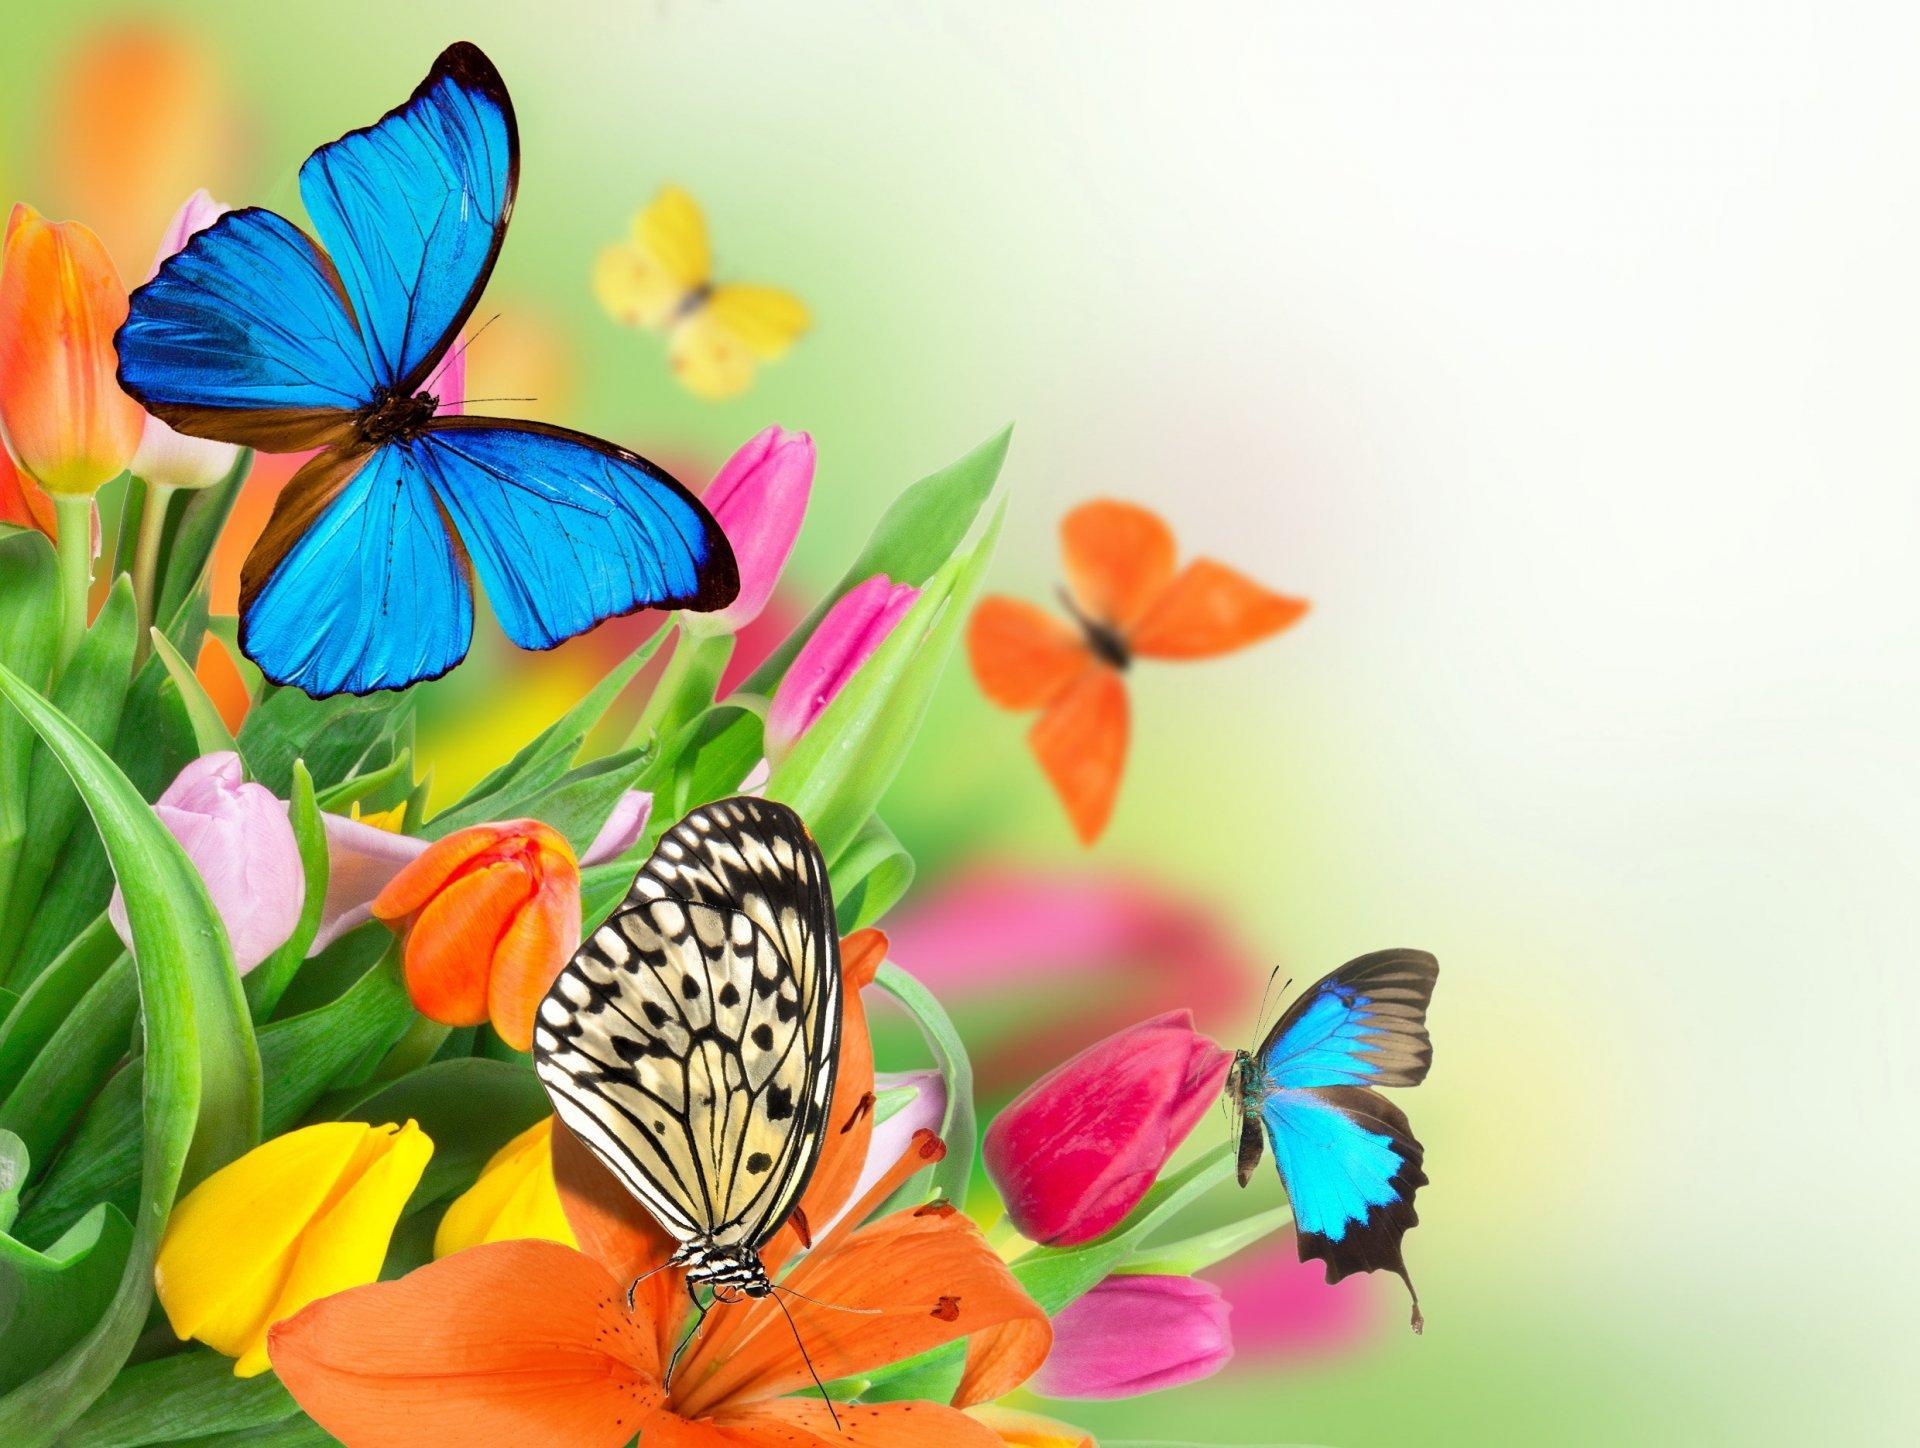 Hình ảnh mùa xuân hoa bướm khoe sắc đẹp